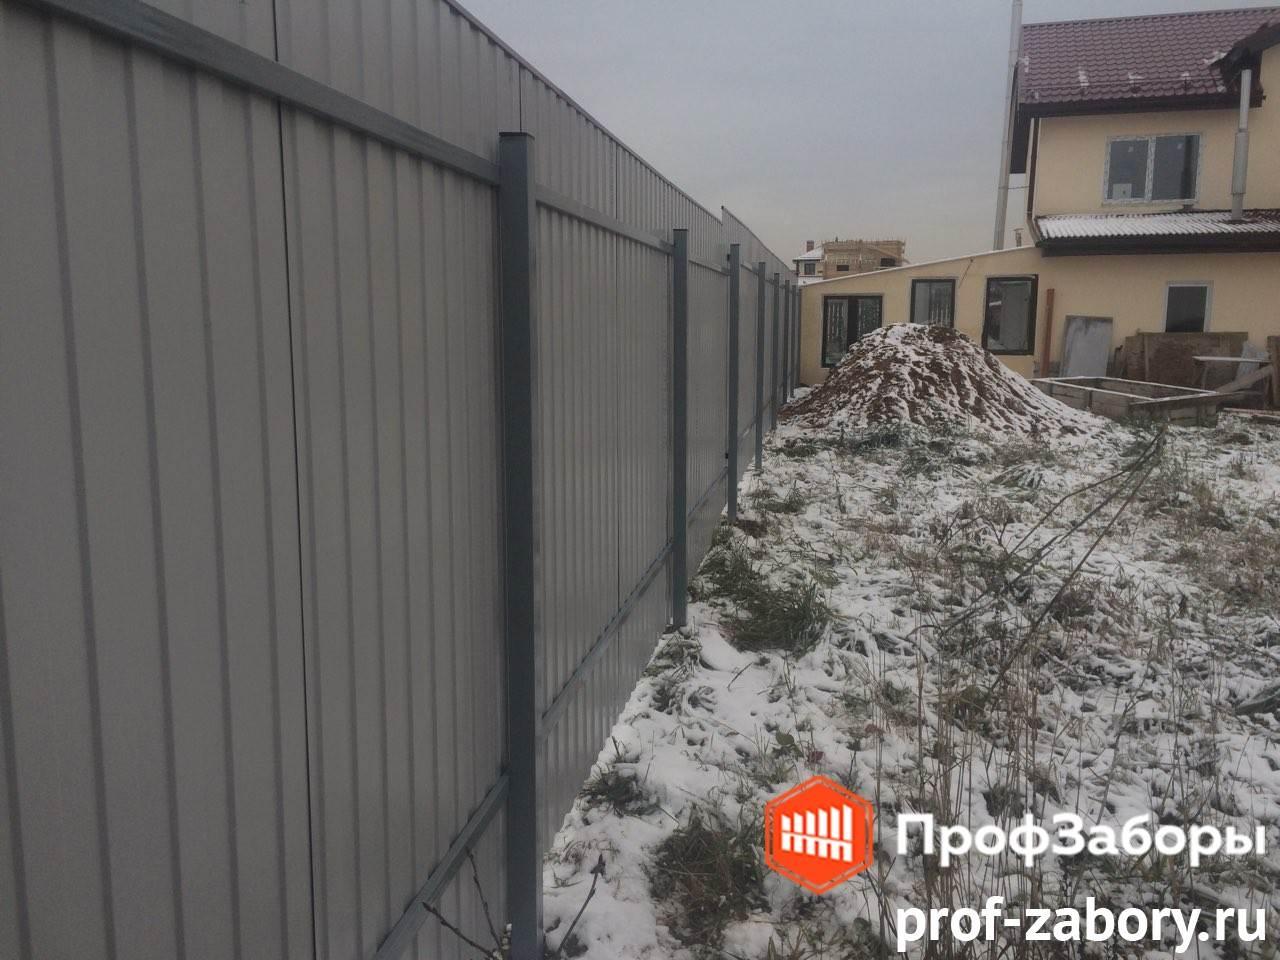 Заборы Из профнастила  - Городской округ Протвино. Фото 2